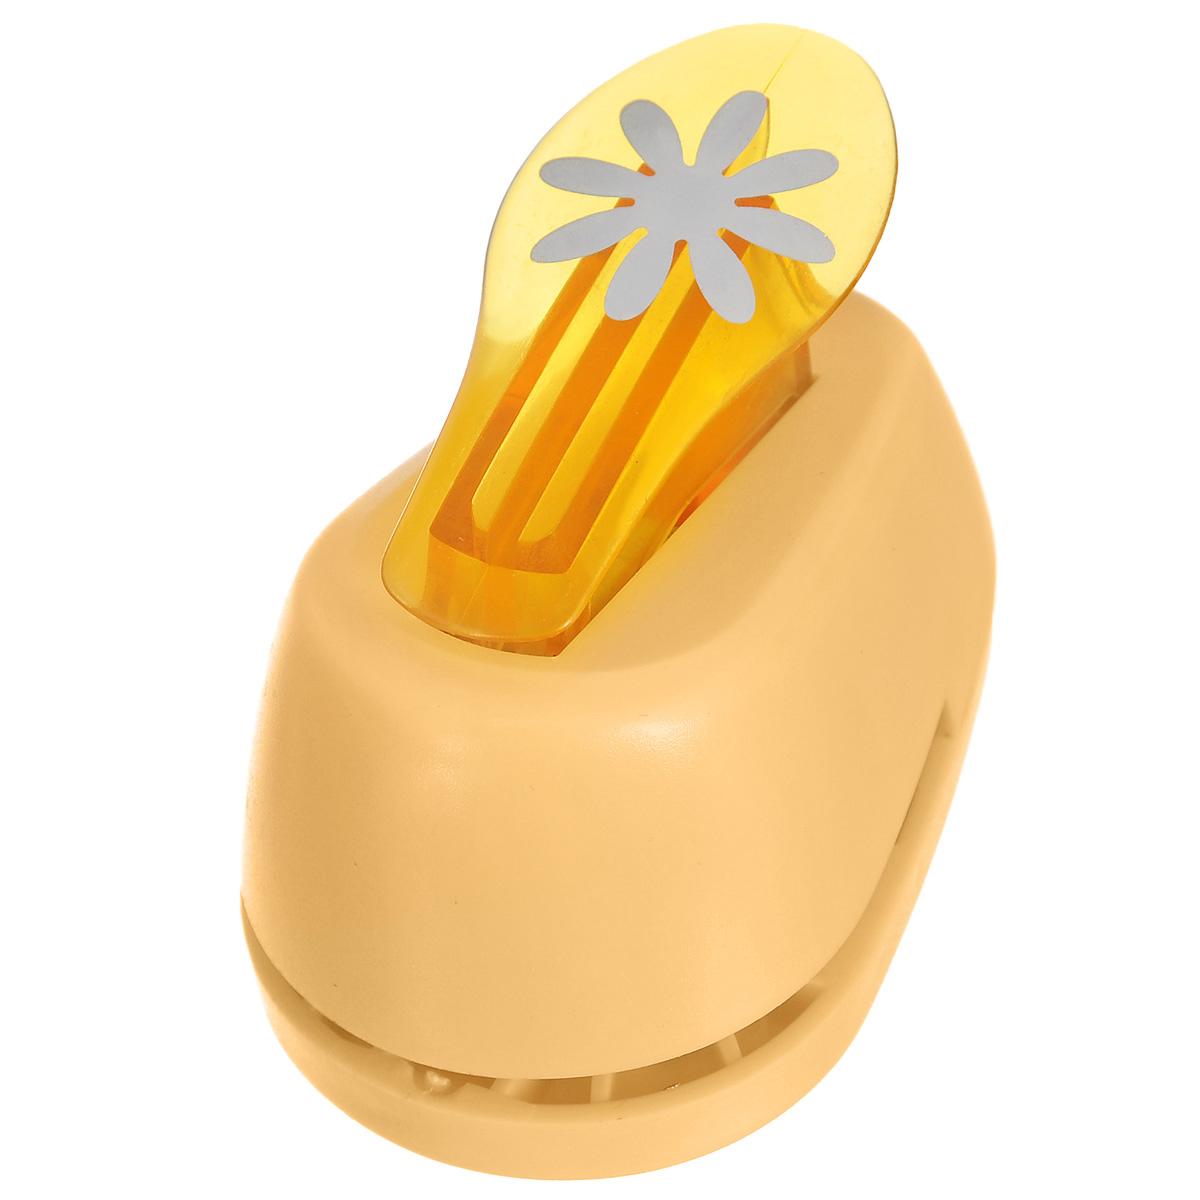 Дырокол фигурный Hobbyboom Маргаритка, №2, цвет: оранжевый, 2,5 смCD-99M-002Фигурный дырокол Hobbyboom Маргаритка изготовлен из пластика и металла, используется в скрапбукинге для создания оригинальных открыток и фотоальбомов ручной работы, оформления подарков, в бумажном творчестве и т.д. Рисунок прорези указан на ручке дырокола. Дырокол предназначен для прорезания фигурных отверстий в бумаге. Просто вставьте лист бумаги в дырокол. Нажмите на рычаг. На листе получится прорезь в виде красивого цветочка.Предназначен для бумаги определенной плотности - 80 - 200 г/м2. При применении на бумаге большей плотности или на картоне, дырокол быстро затупится.Материал: пластик, металл.Размер дырокола: 8 см х 5 см х 5,5 см.Диаметр готовой фигурки: 2,5 см. Фигурный дырокол Hobbyboom Маргаритка изготовлен из пластика и металла, используется в скрапбукинге для создания оригинальных открыток и фотоальбомов ручной работы, оформления подарков, в бумажном творчестве и т.д. Рисунок прорези указан на ручке дырокола. Дырокол предназначен для прорезания фигурных отверстий в бумаге. Просто вставьте лист бумаги в дырокол. Нажмите на рычаг. На листе получится прорезь в виде красивого цветочка.Предназначен для бумаги определенной плотности - 80 - 200 г/м2. При применении на бумаге большей плотности или на картоне, дырокол быстро затупится.Материал: пластик, металл.Размер дырокола: 8 см х 5 см х 5,5 см.Диаметр готовой фигурки: 2,5 см.